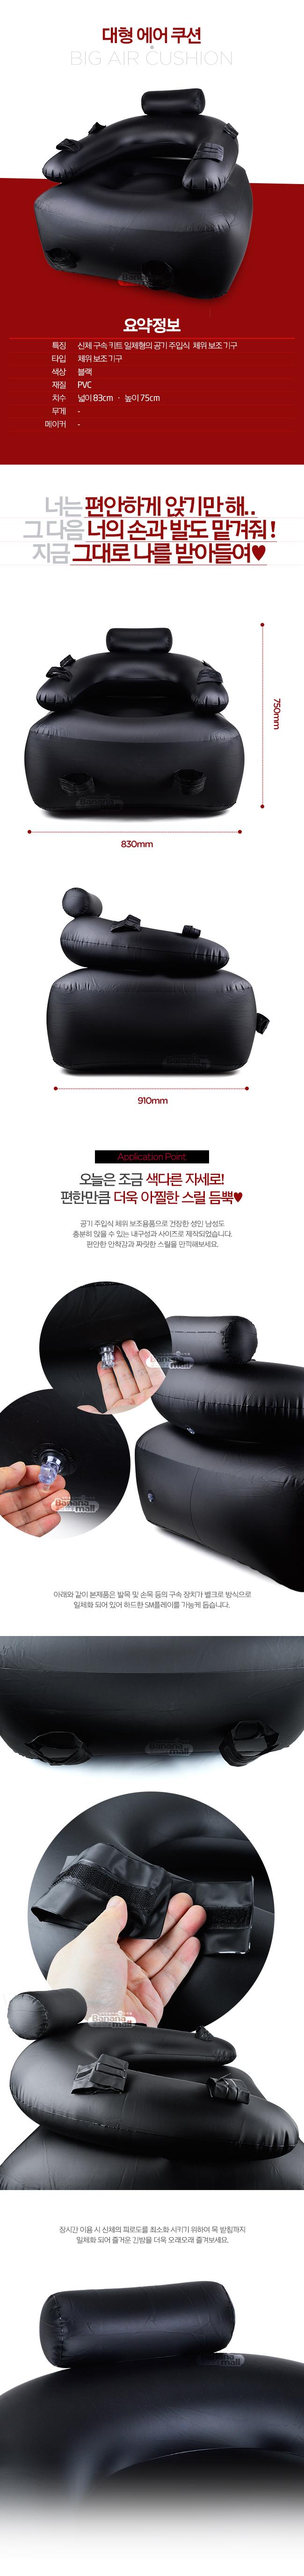 [미국 직수입] 대형 에어 쿠션(Big air Cushion) - SM소파의자 (JBG)